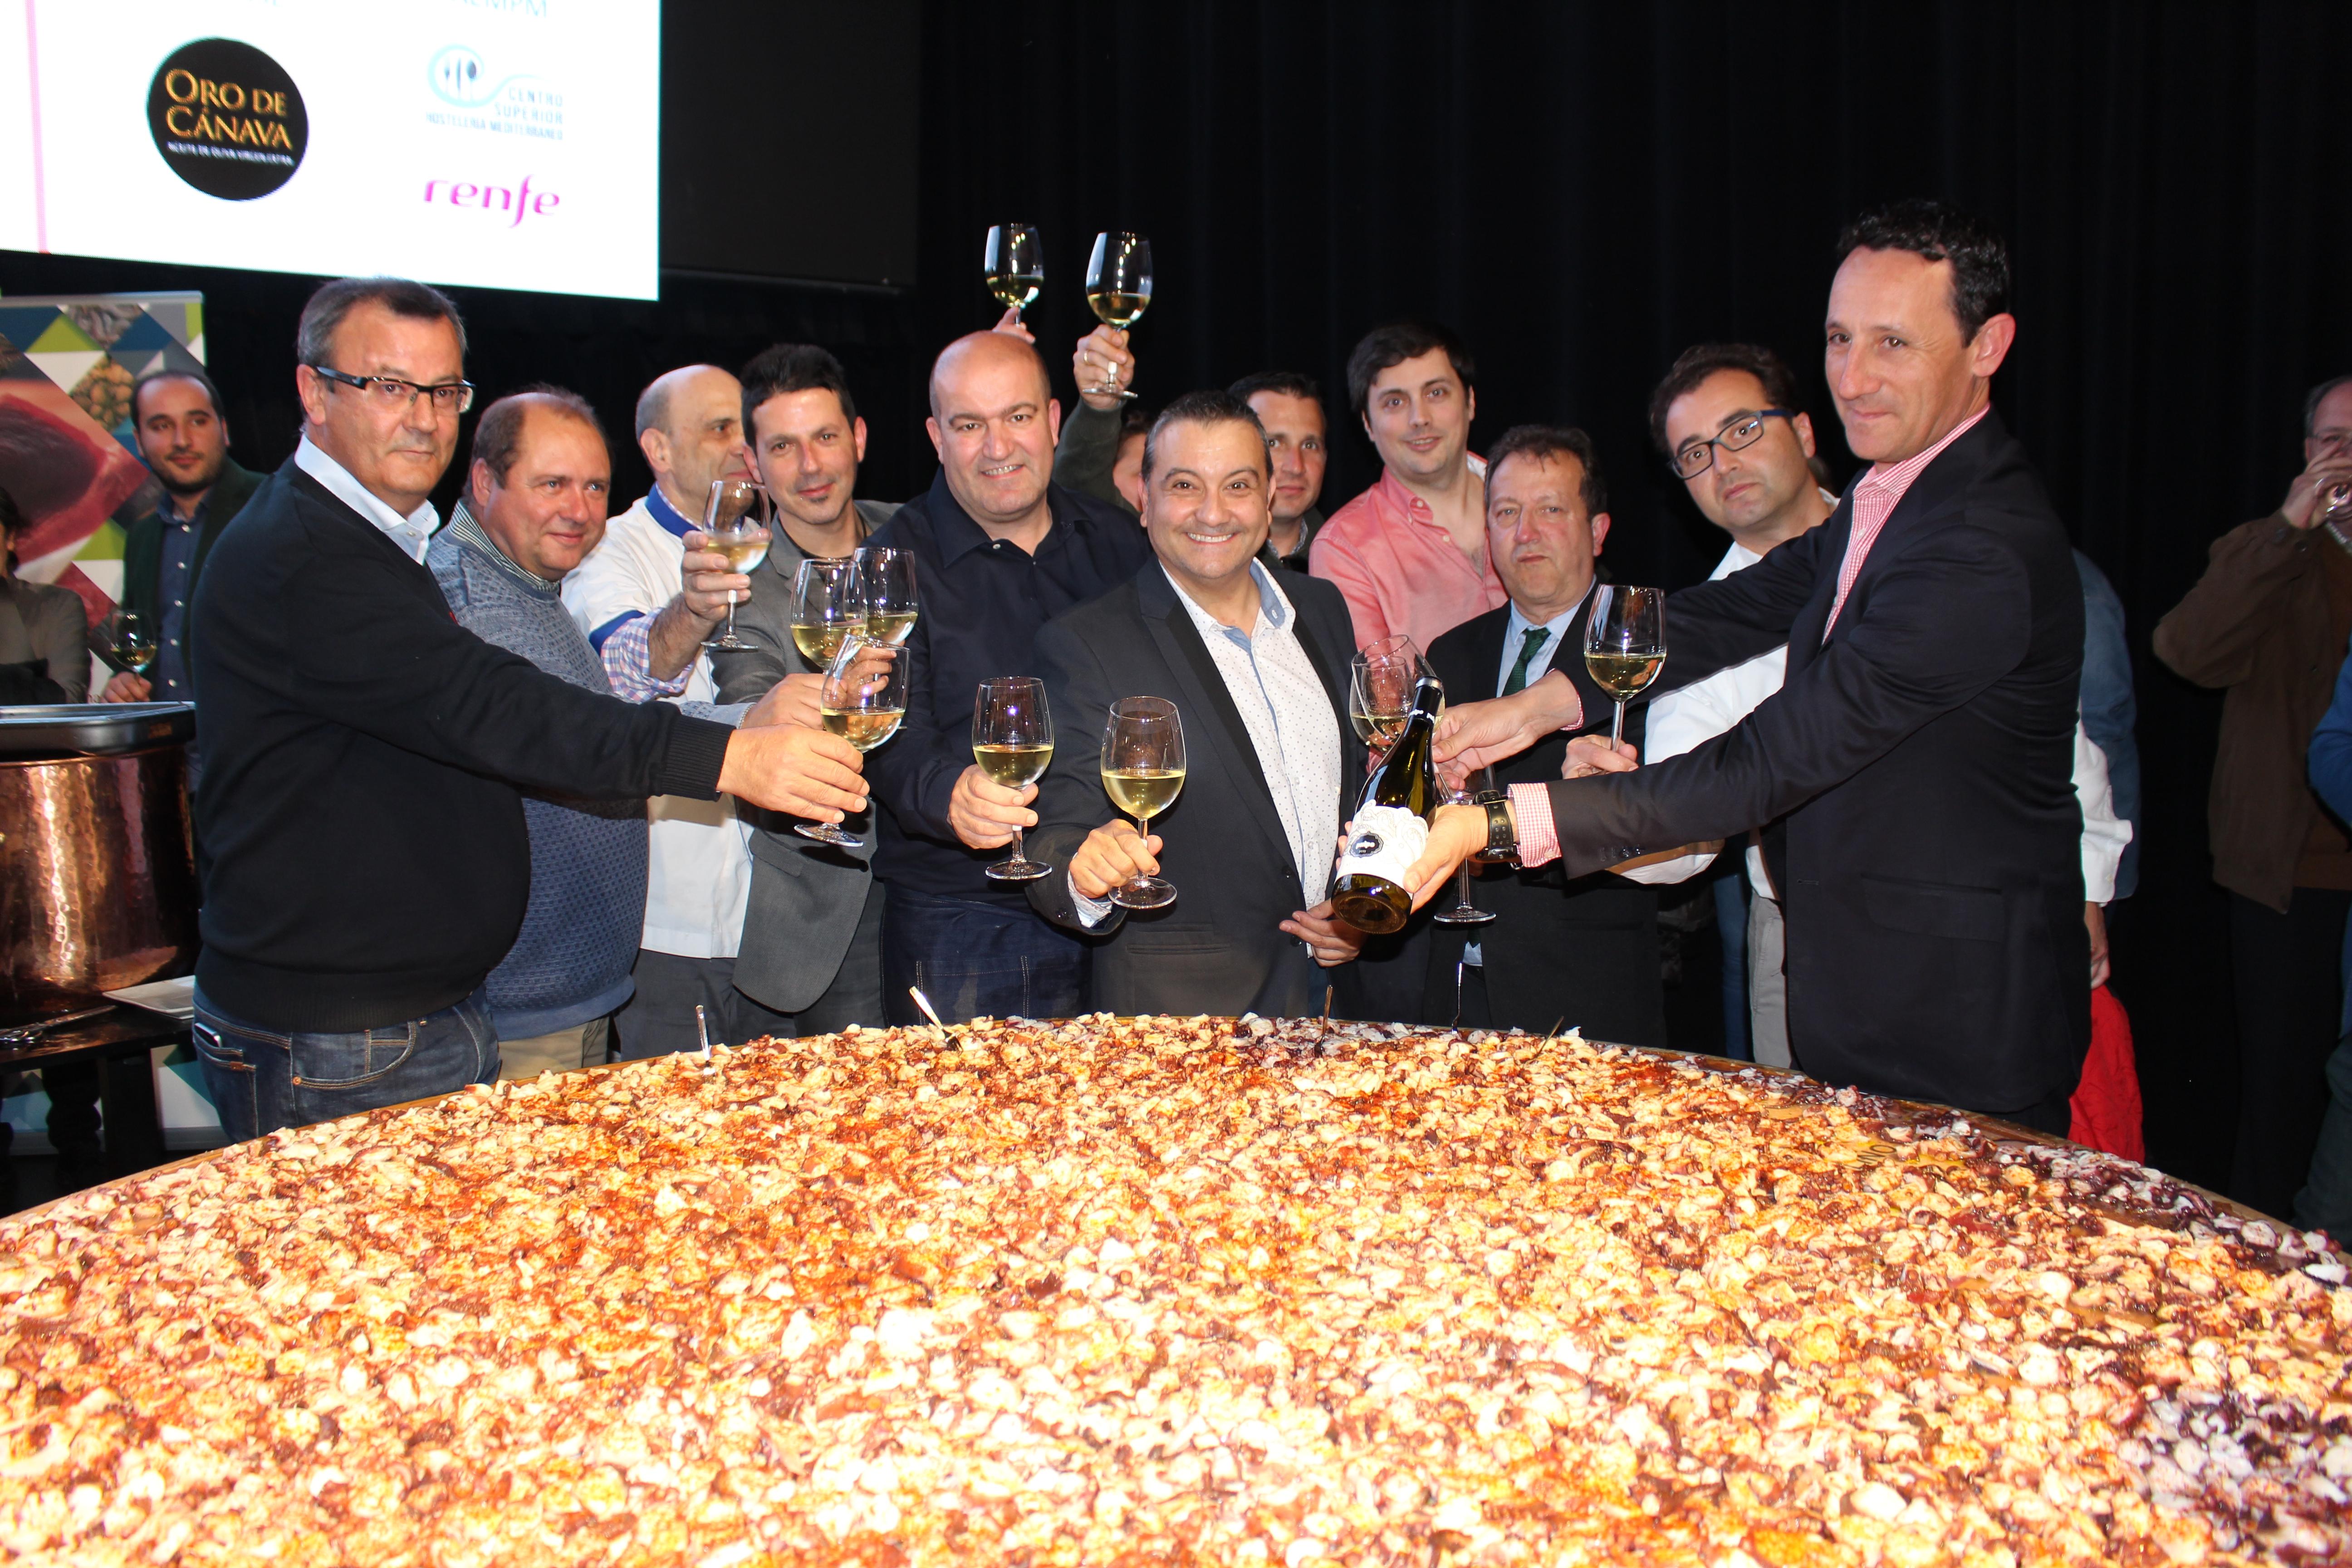 Madrid elabora el plato más grande de Pulpo a Feira con 110 kg de pulpo